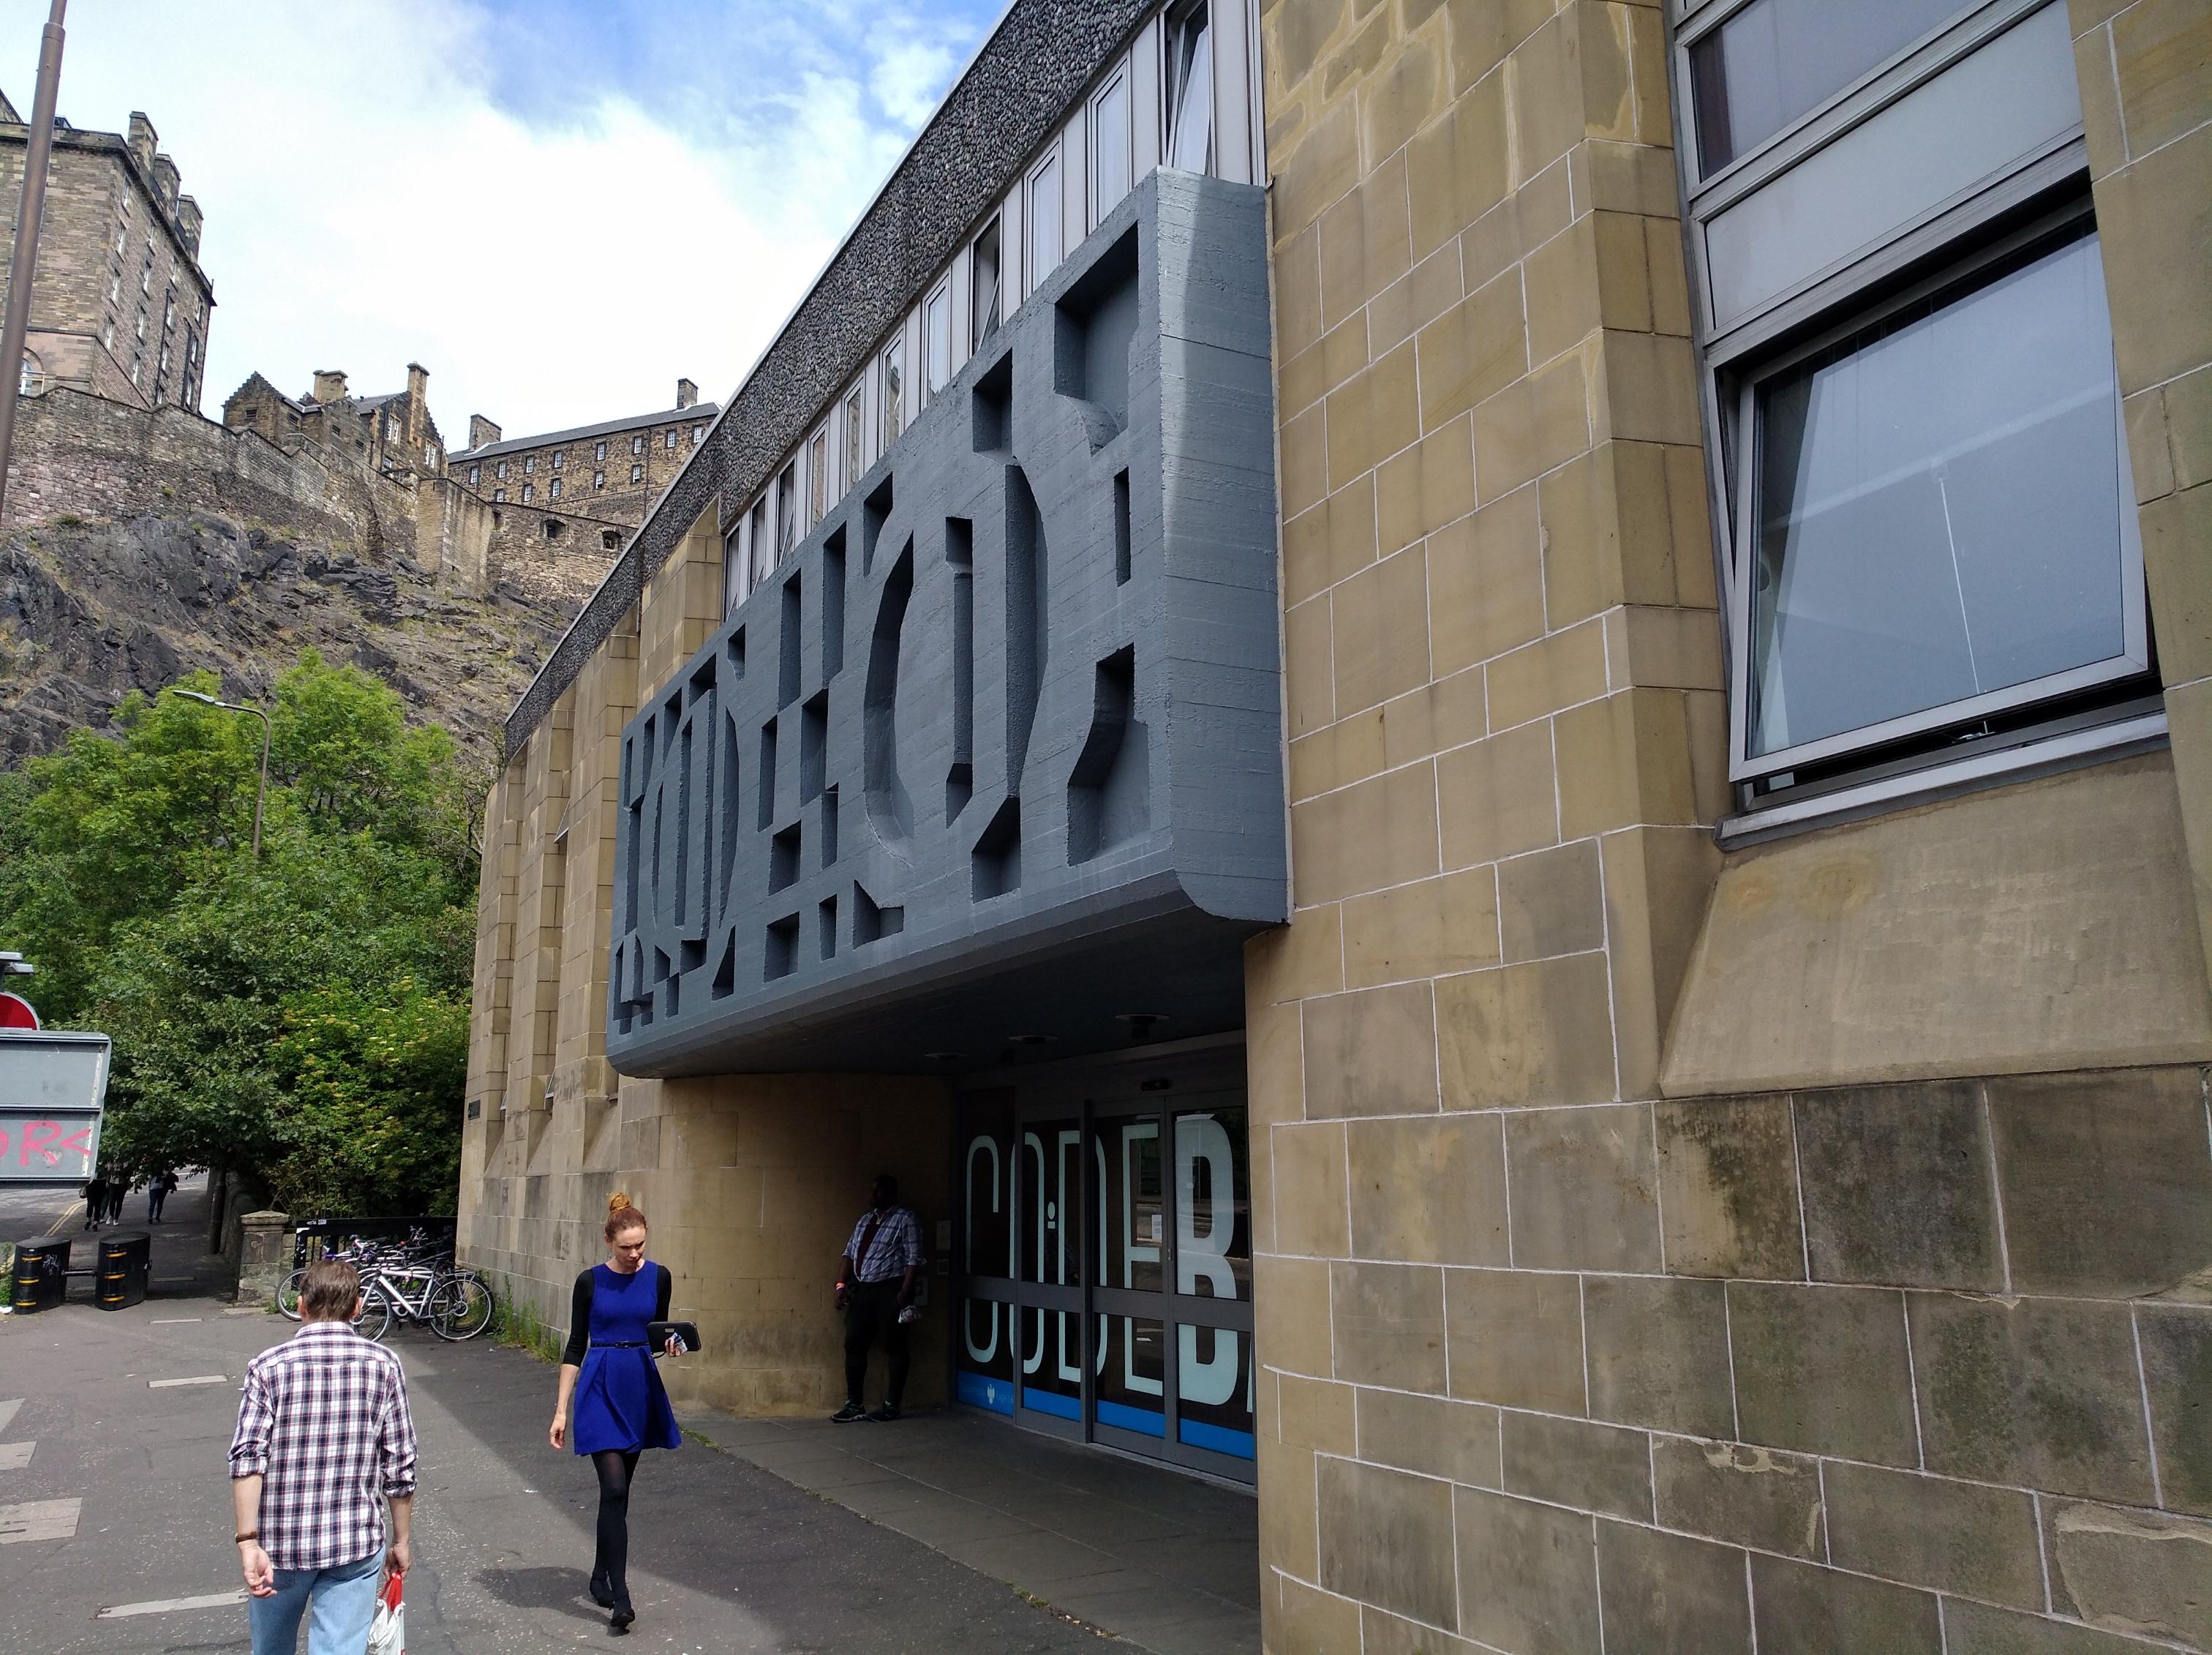 Blick auf den Eingang der CodeBase. Schräg hinter der CodeBase ragt das Edinburgh Castle hervor.